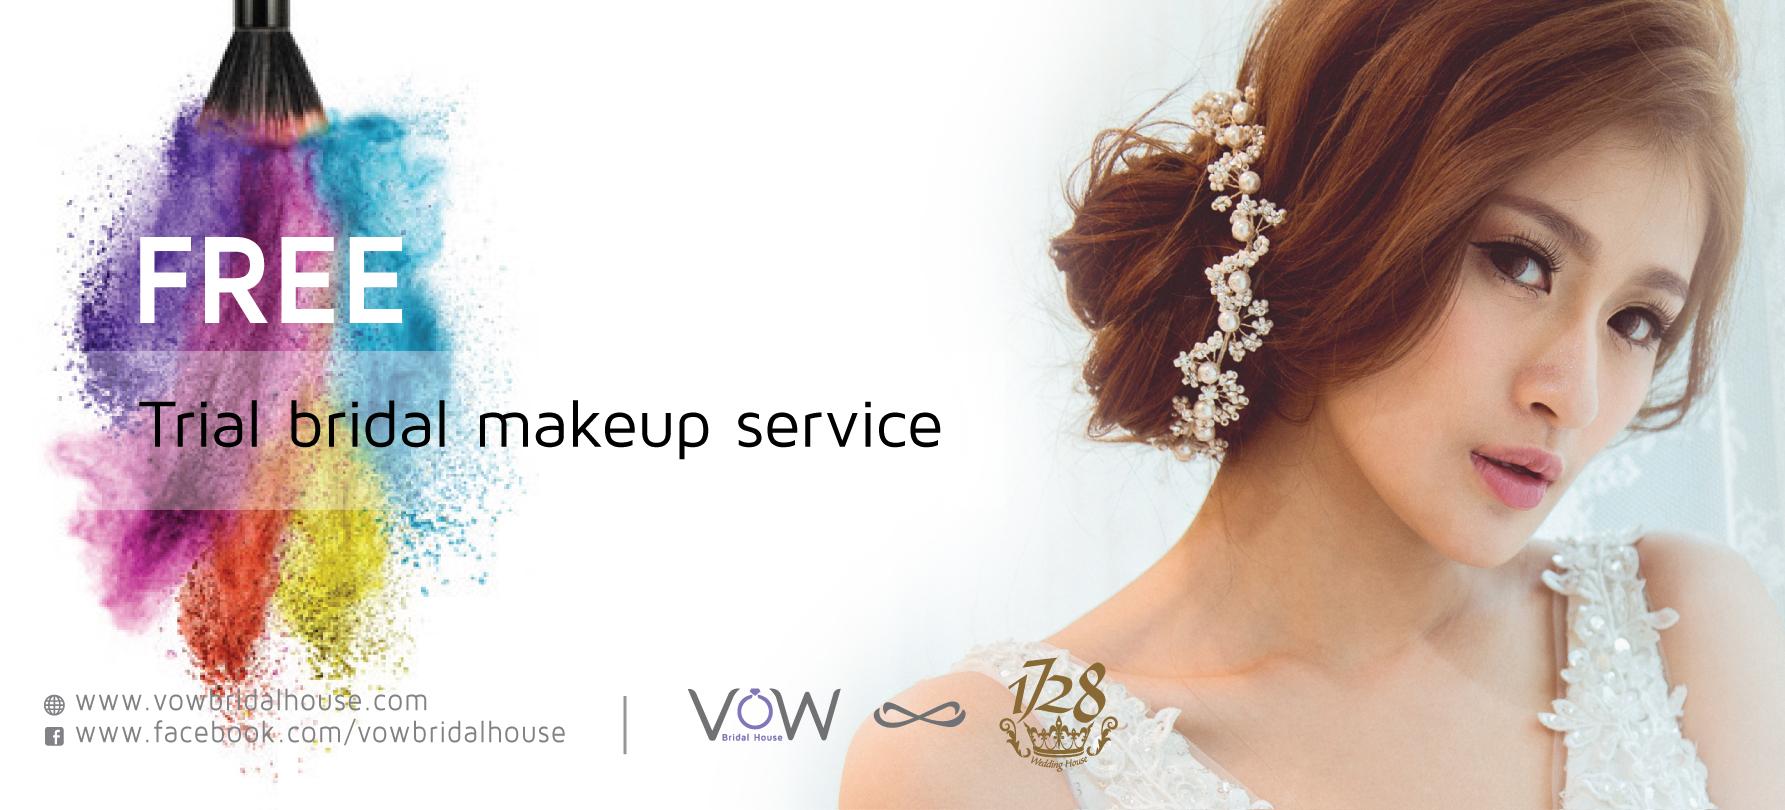 Free Bridal Makeup Trial